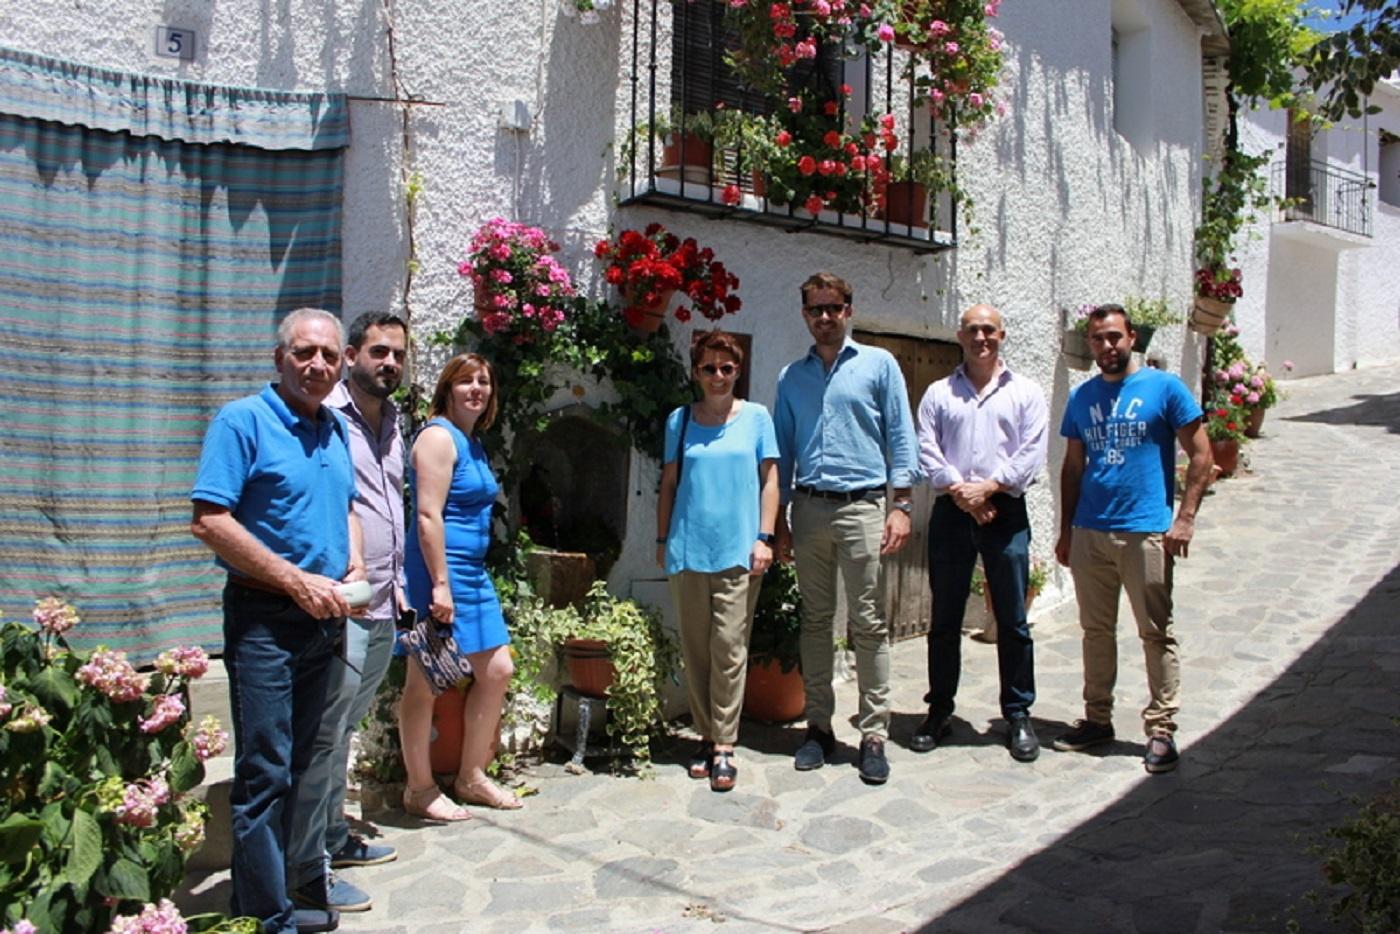 La Junta valora la capacidad de innovación turística del destino de la Alpujarra granadina